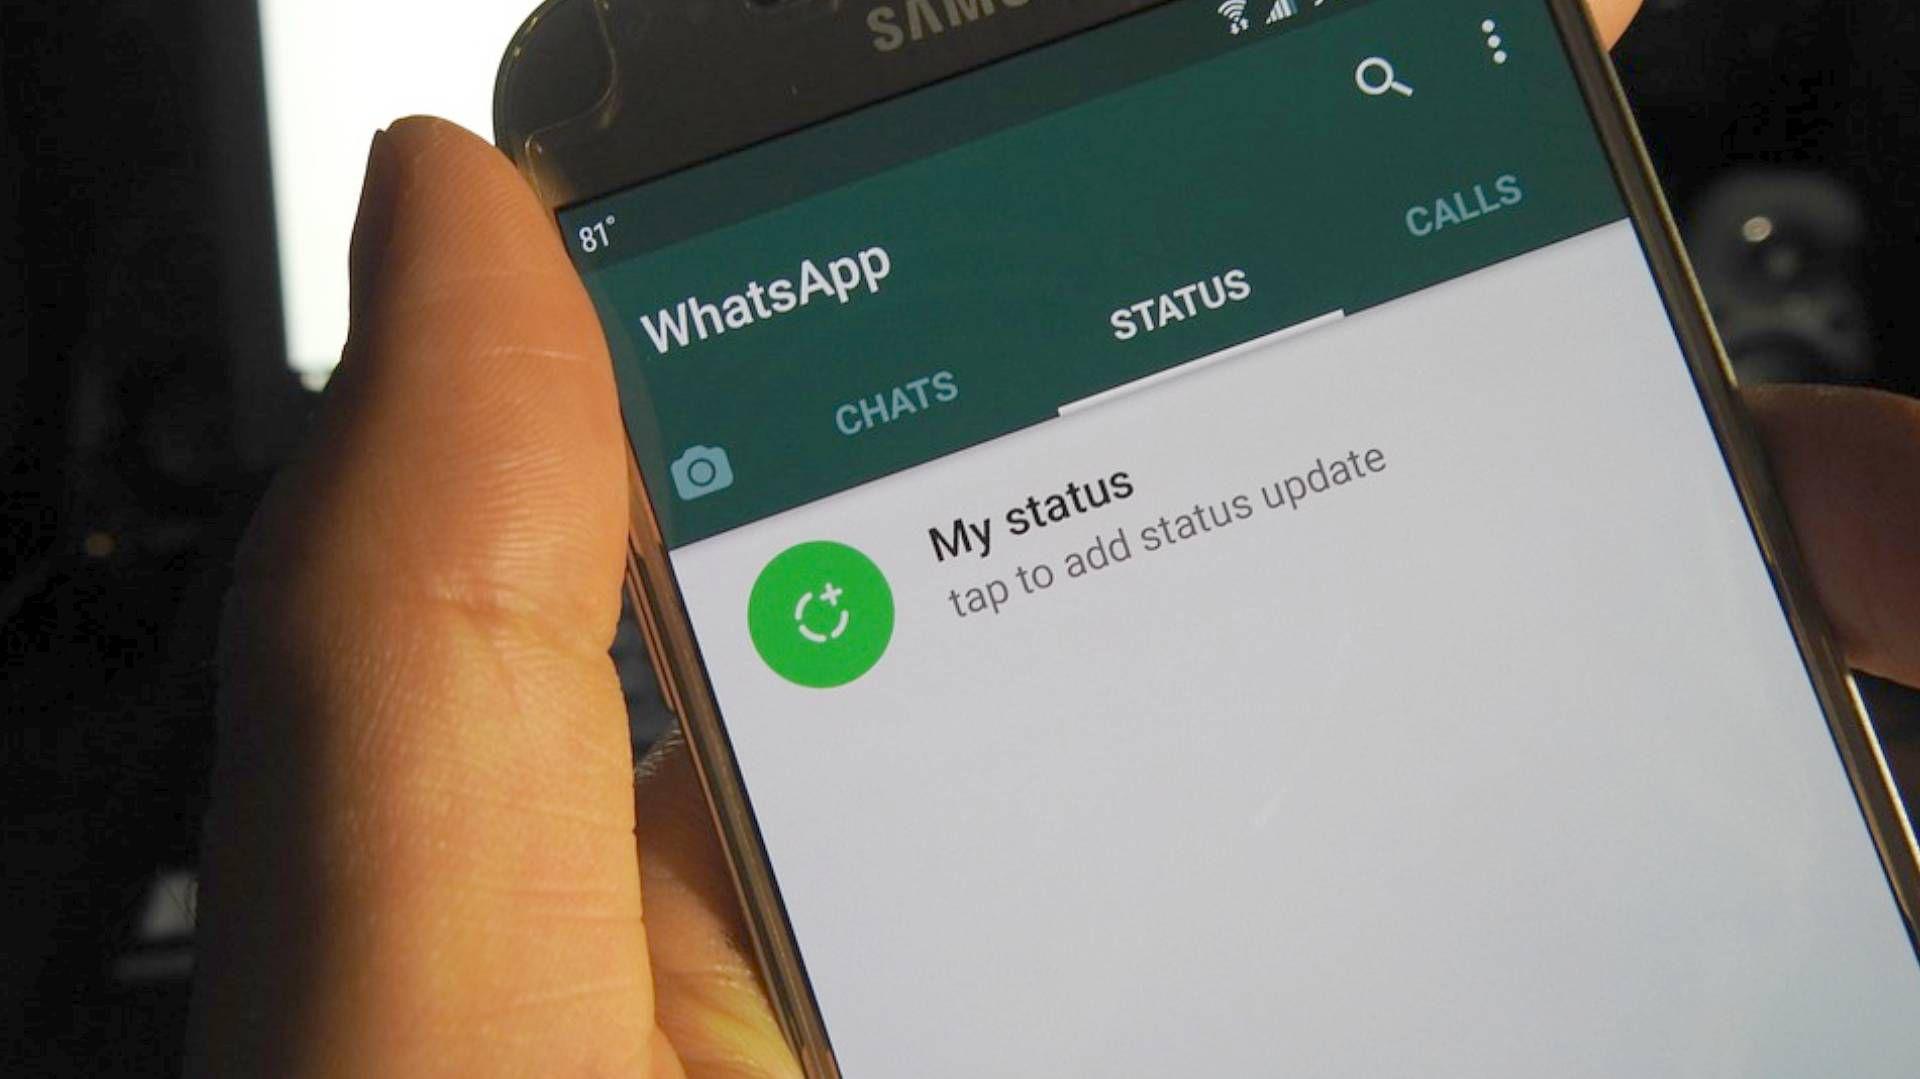 Los grupos de WhatsApp pueden tener ventajas y desventajas (Foto: Pixabay)